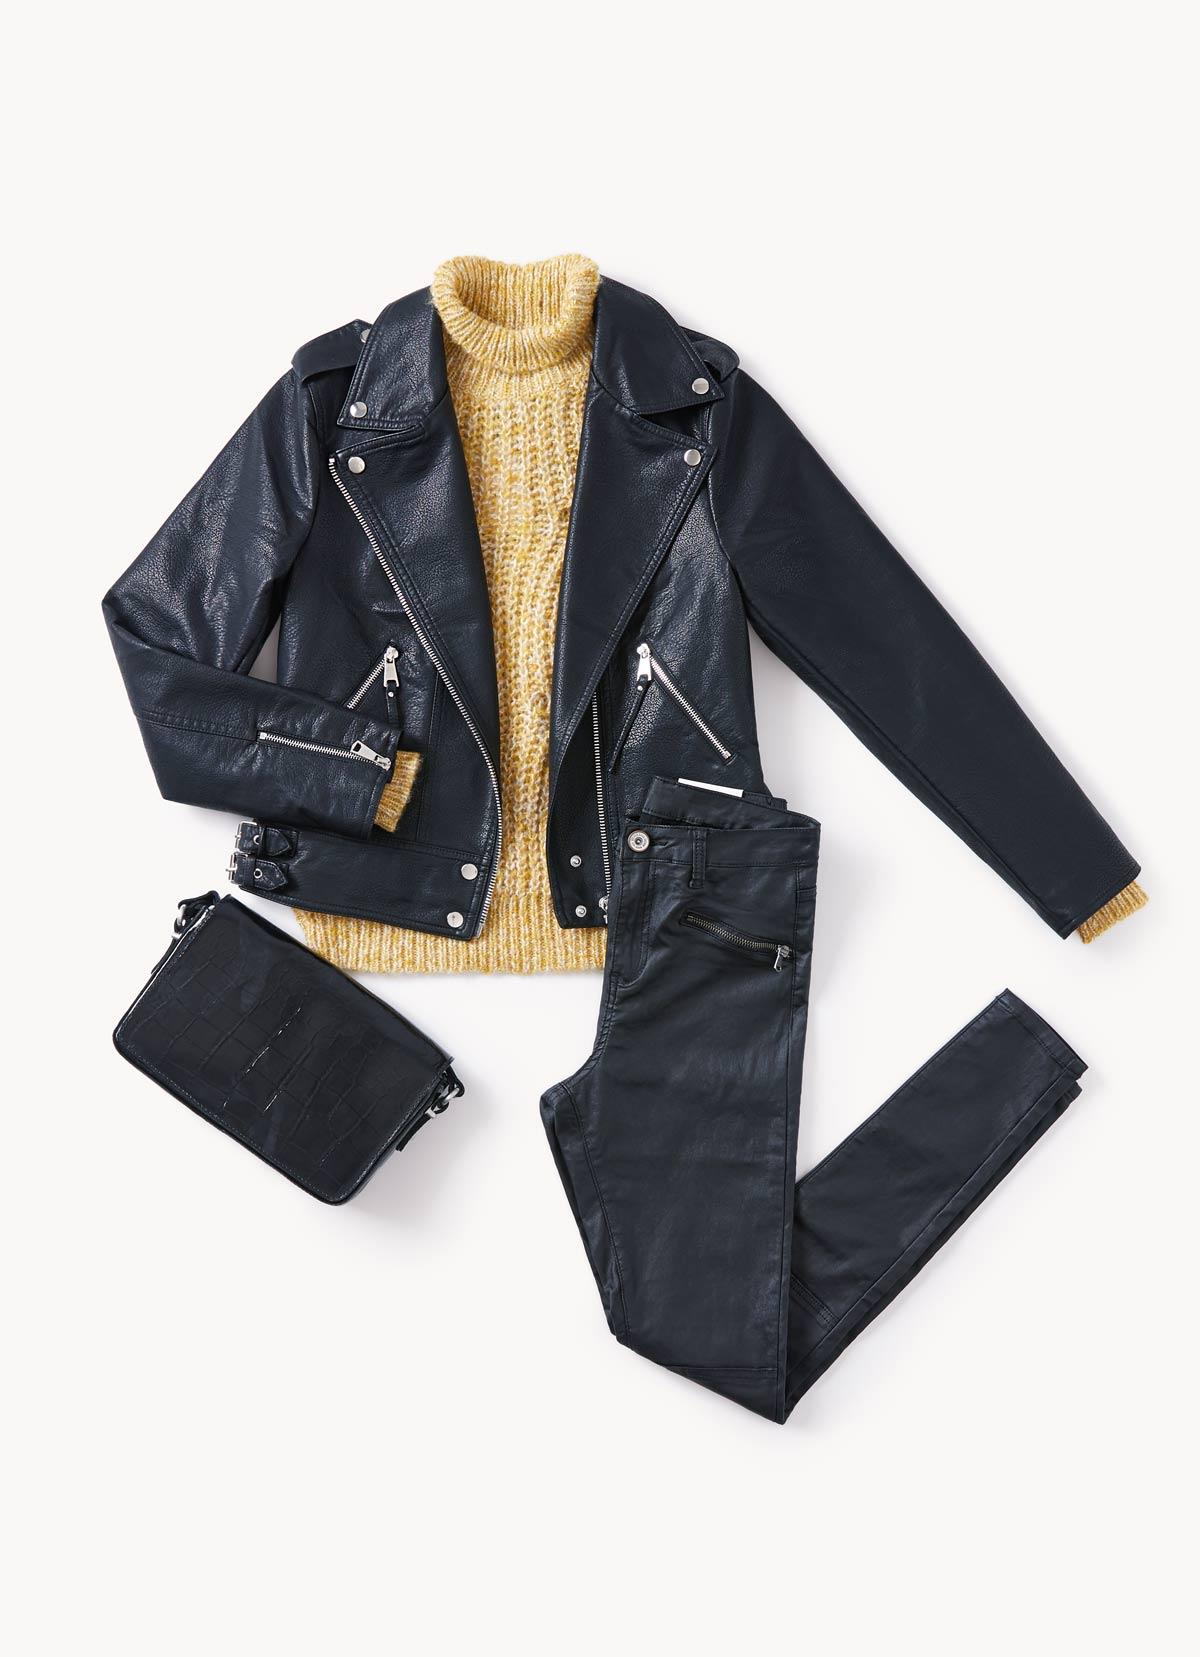 pantalones encerados y tu biker negra con un sweater en color mostaza outfit diciembre